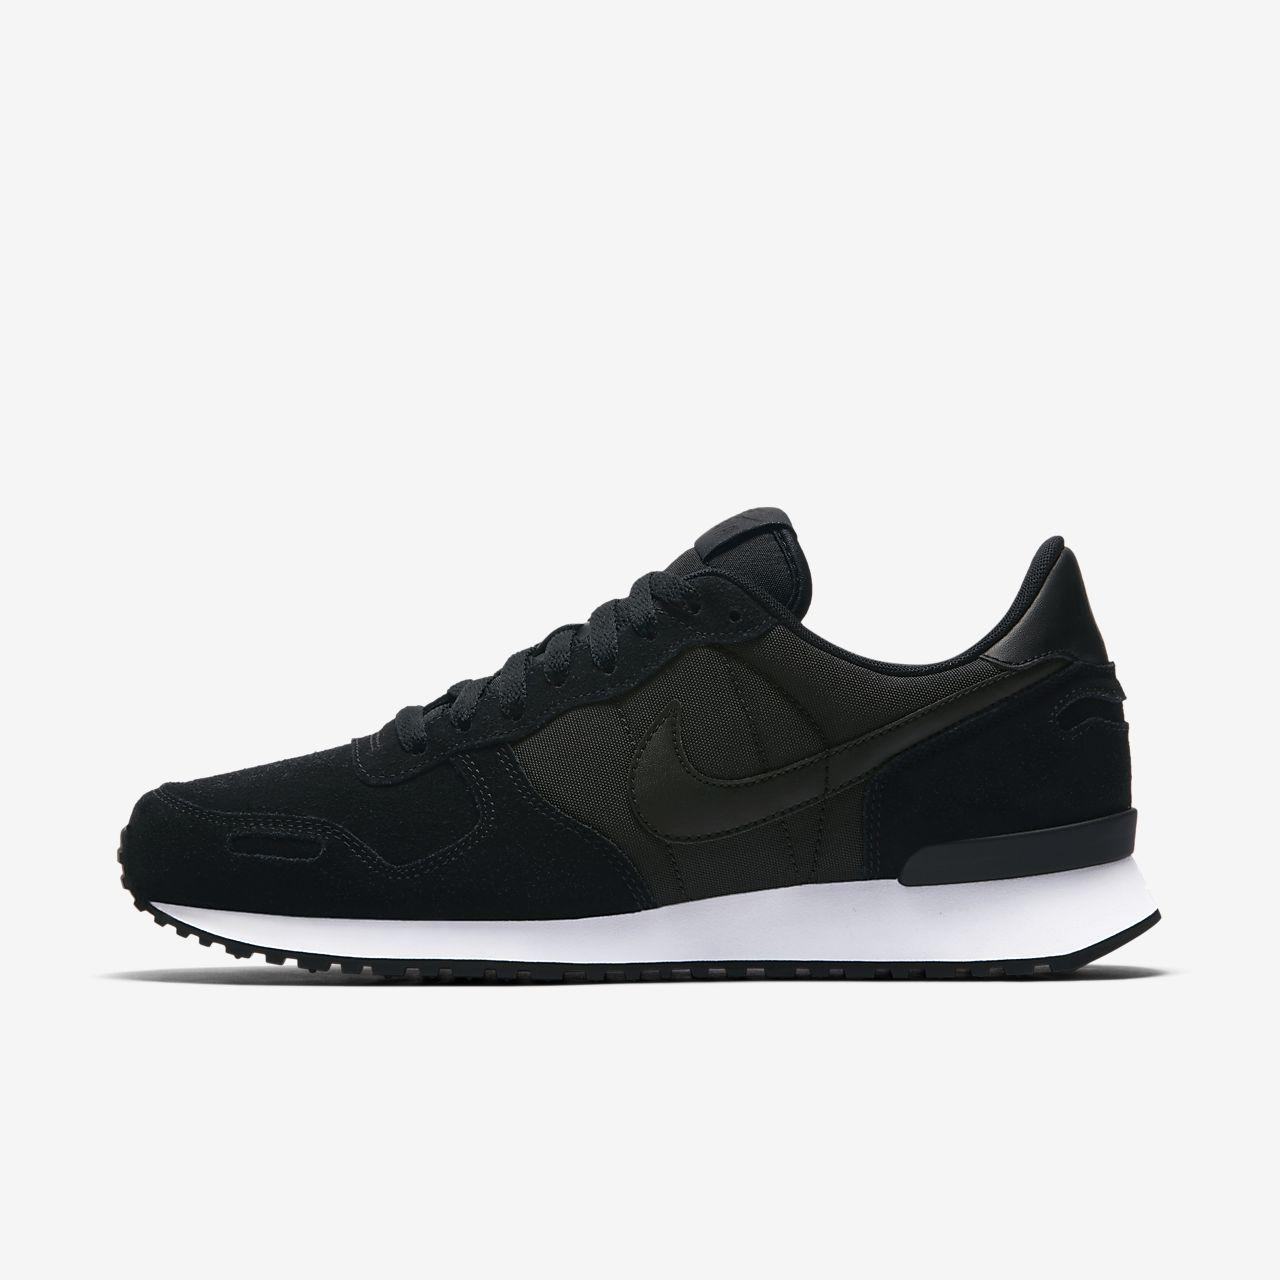 Chaussures Nike Noir Vortex 47 Hommes qwxEyv